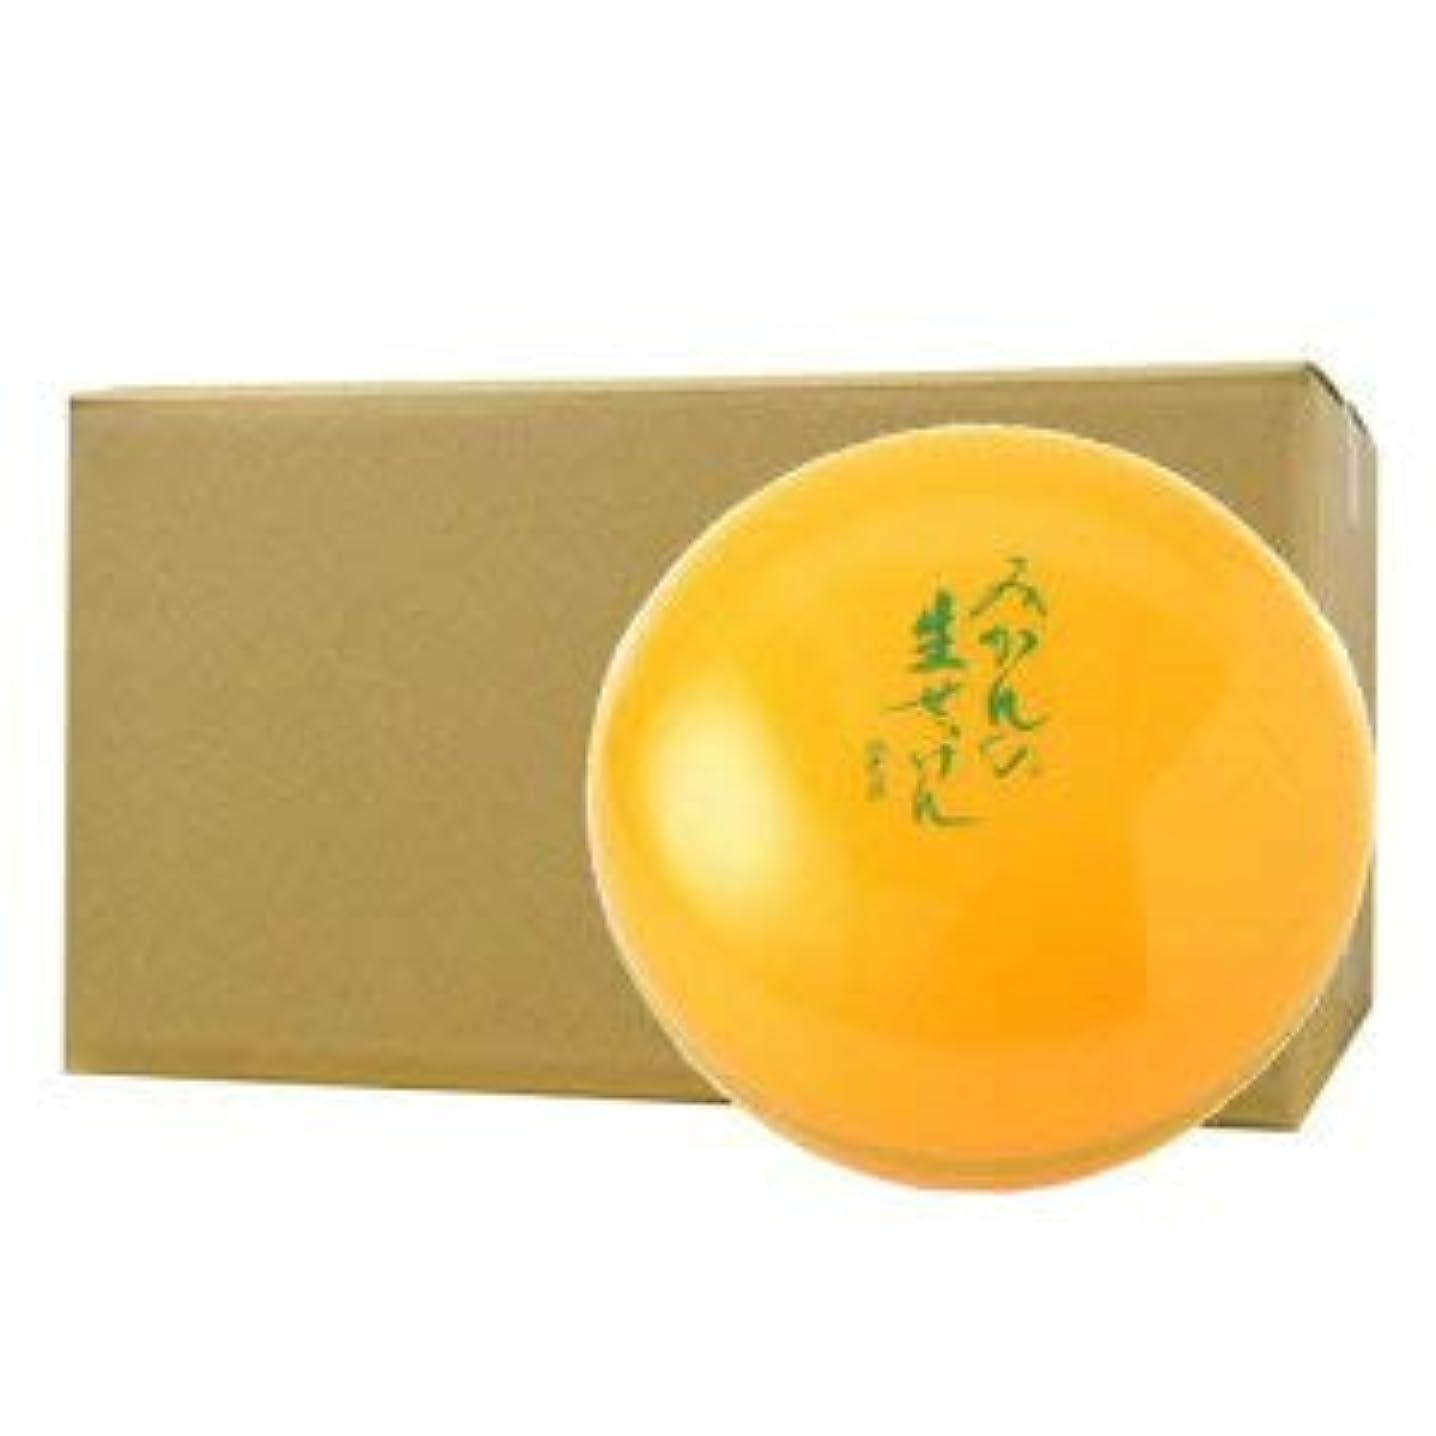 革新学期間接的UYEKI美香柑みかんの生せっけん50g×72個ケース